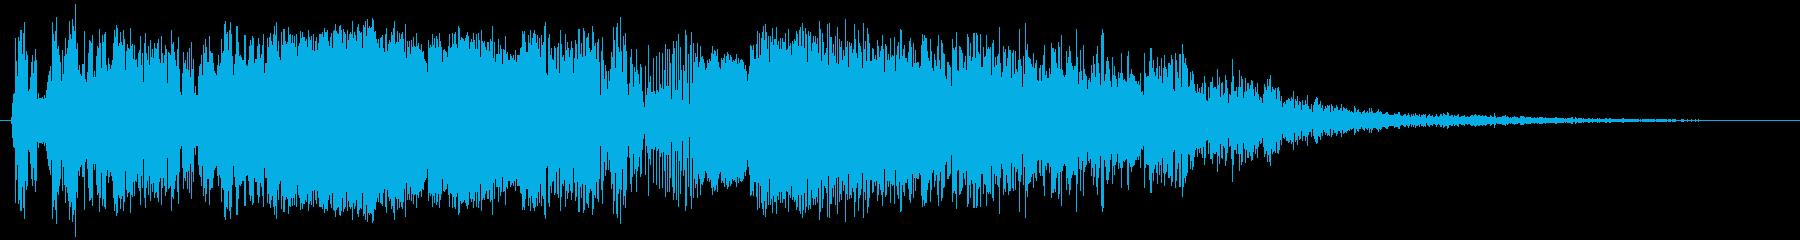 バックアップヒットの再生済みの波形